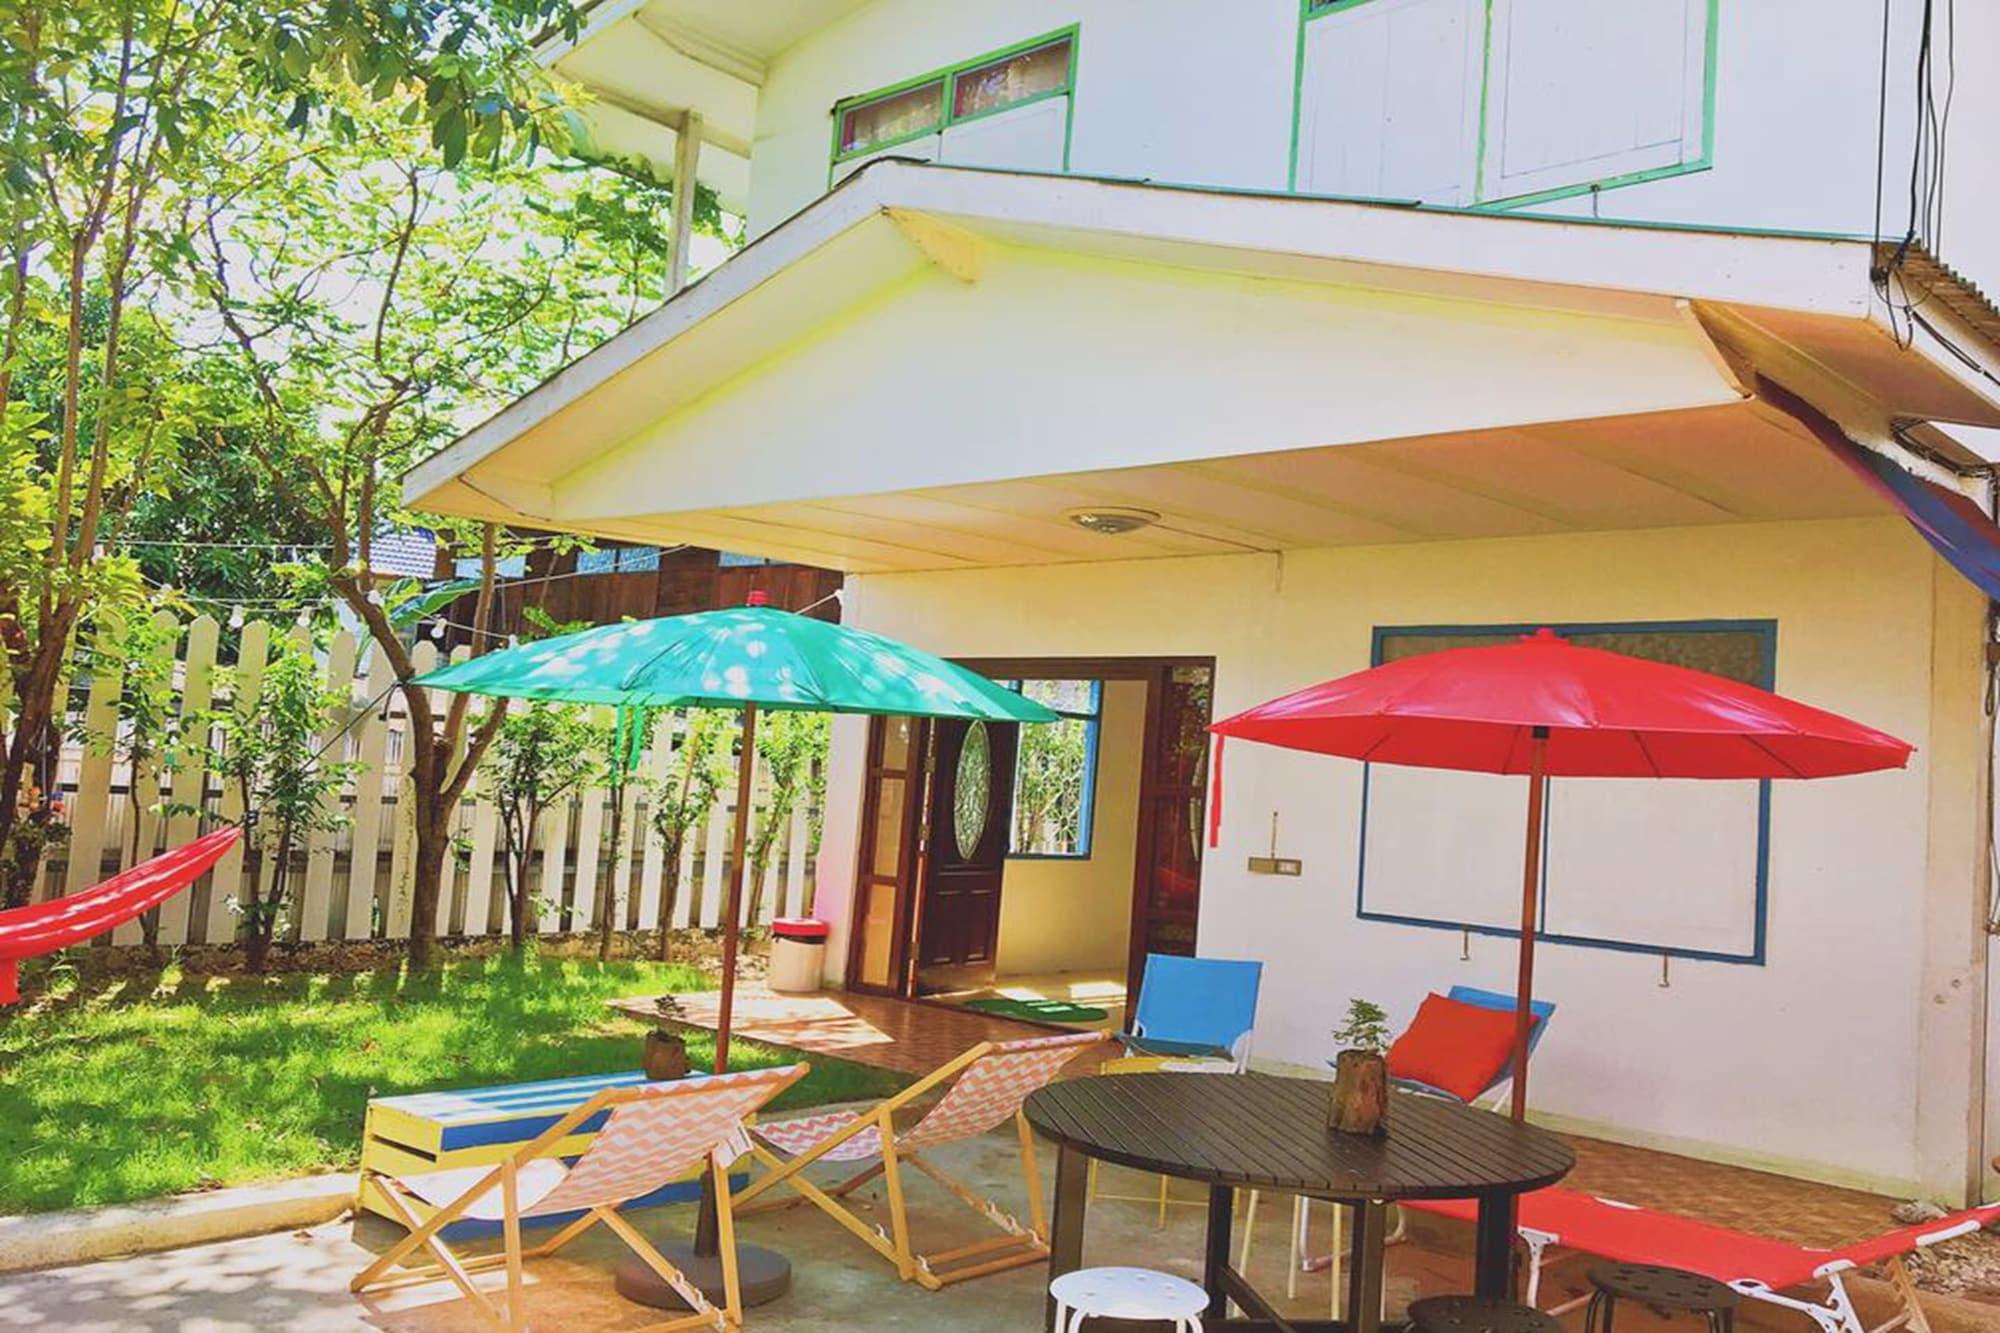 Hush Hush Cabiner - Hostel, Bang Na